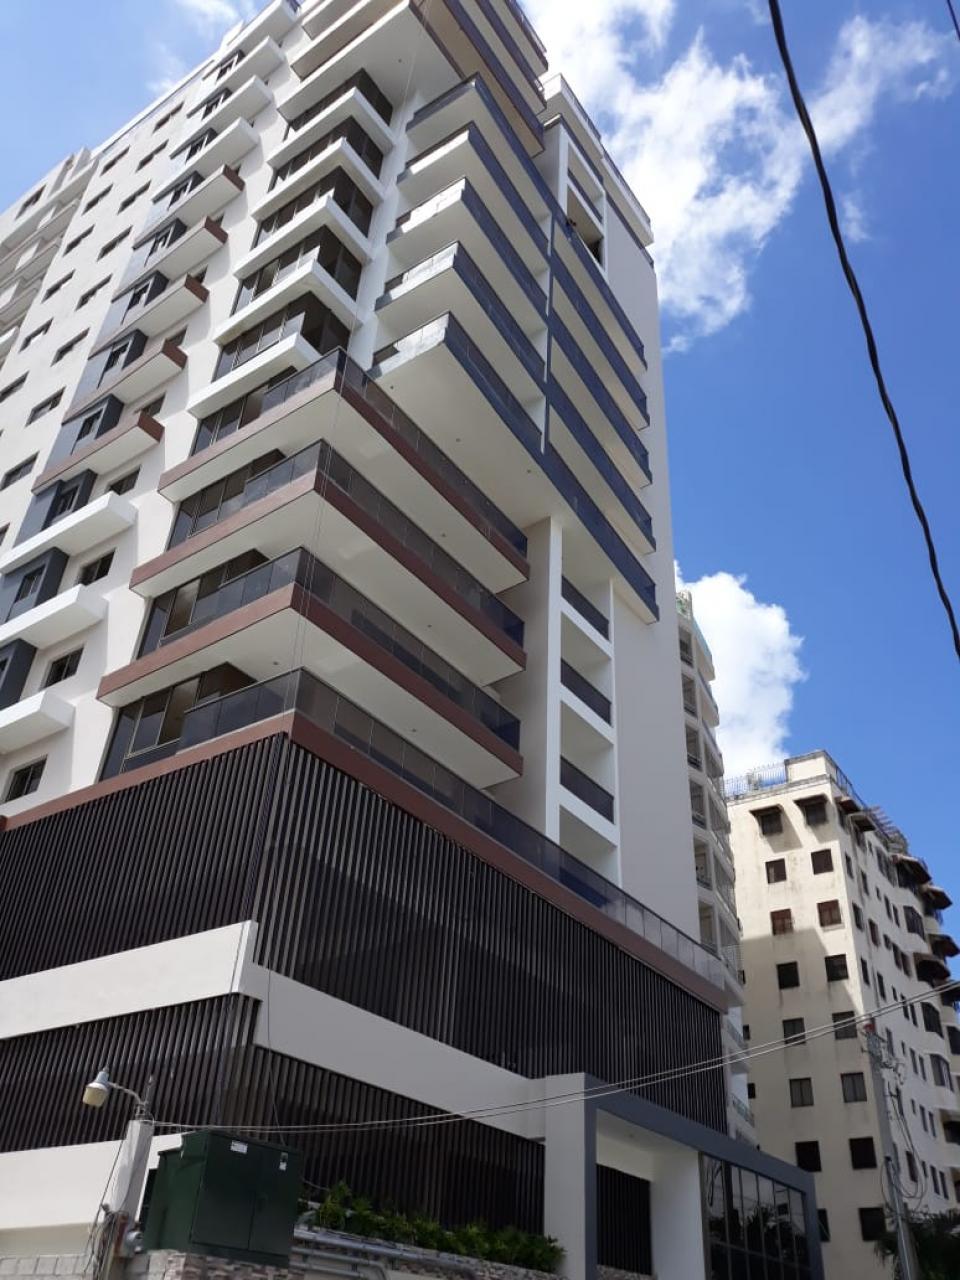 Apartamento en venta en el sector PIANTINI precio US$ 229,000.00 US$229,000